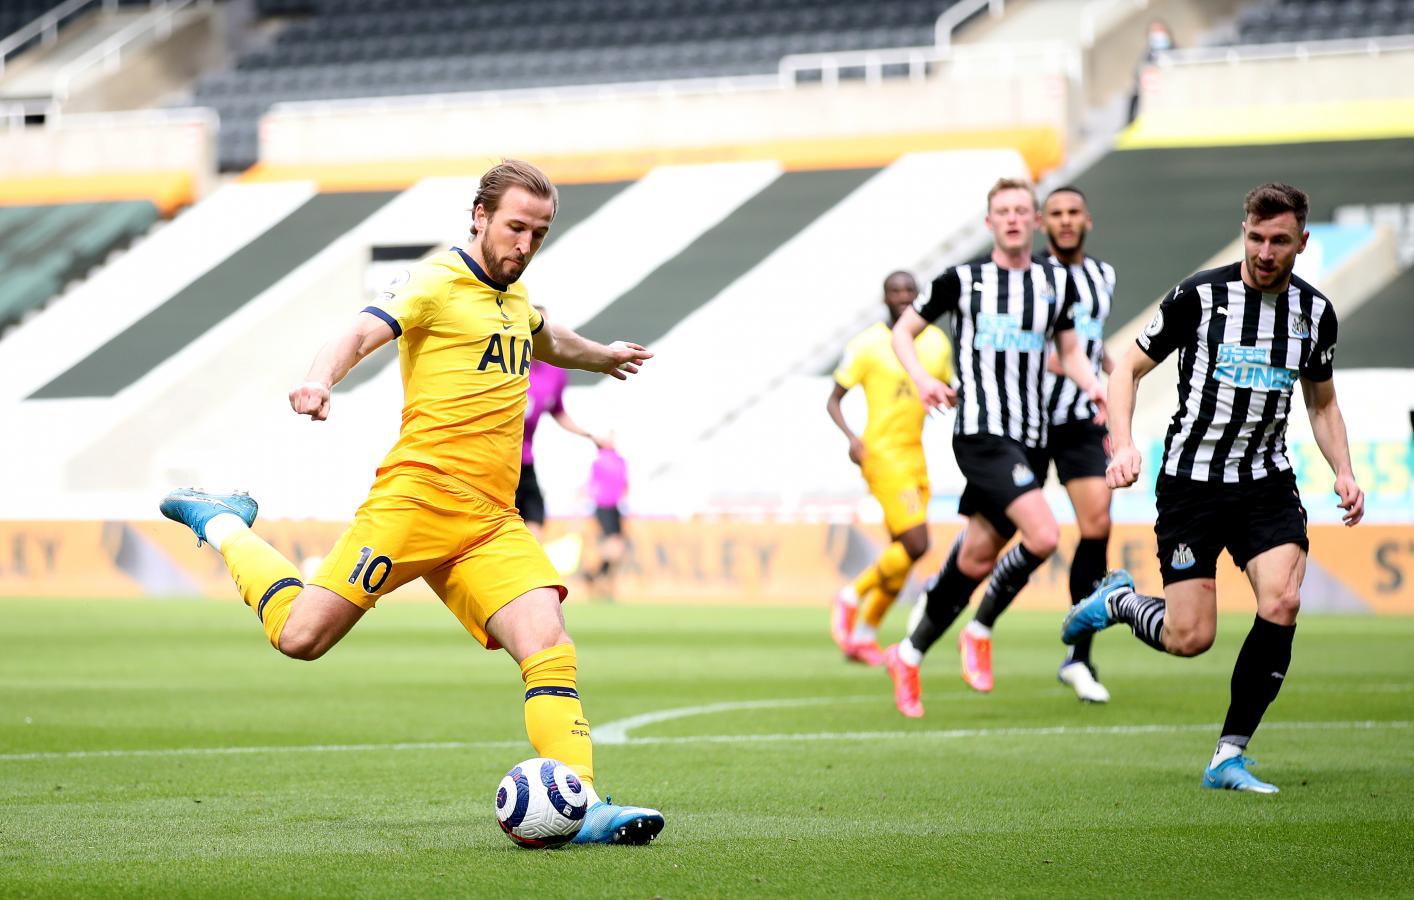 Harry Kane está por sacar el derechazo para decretar el segundo gol de Tottenham y el segundo de su cuenta personal. Es el máximo anotador de la Premier League.